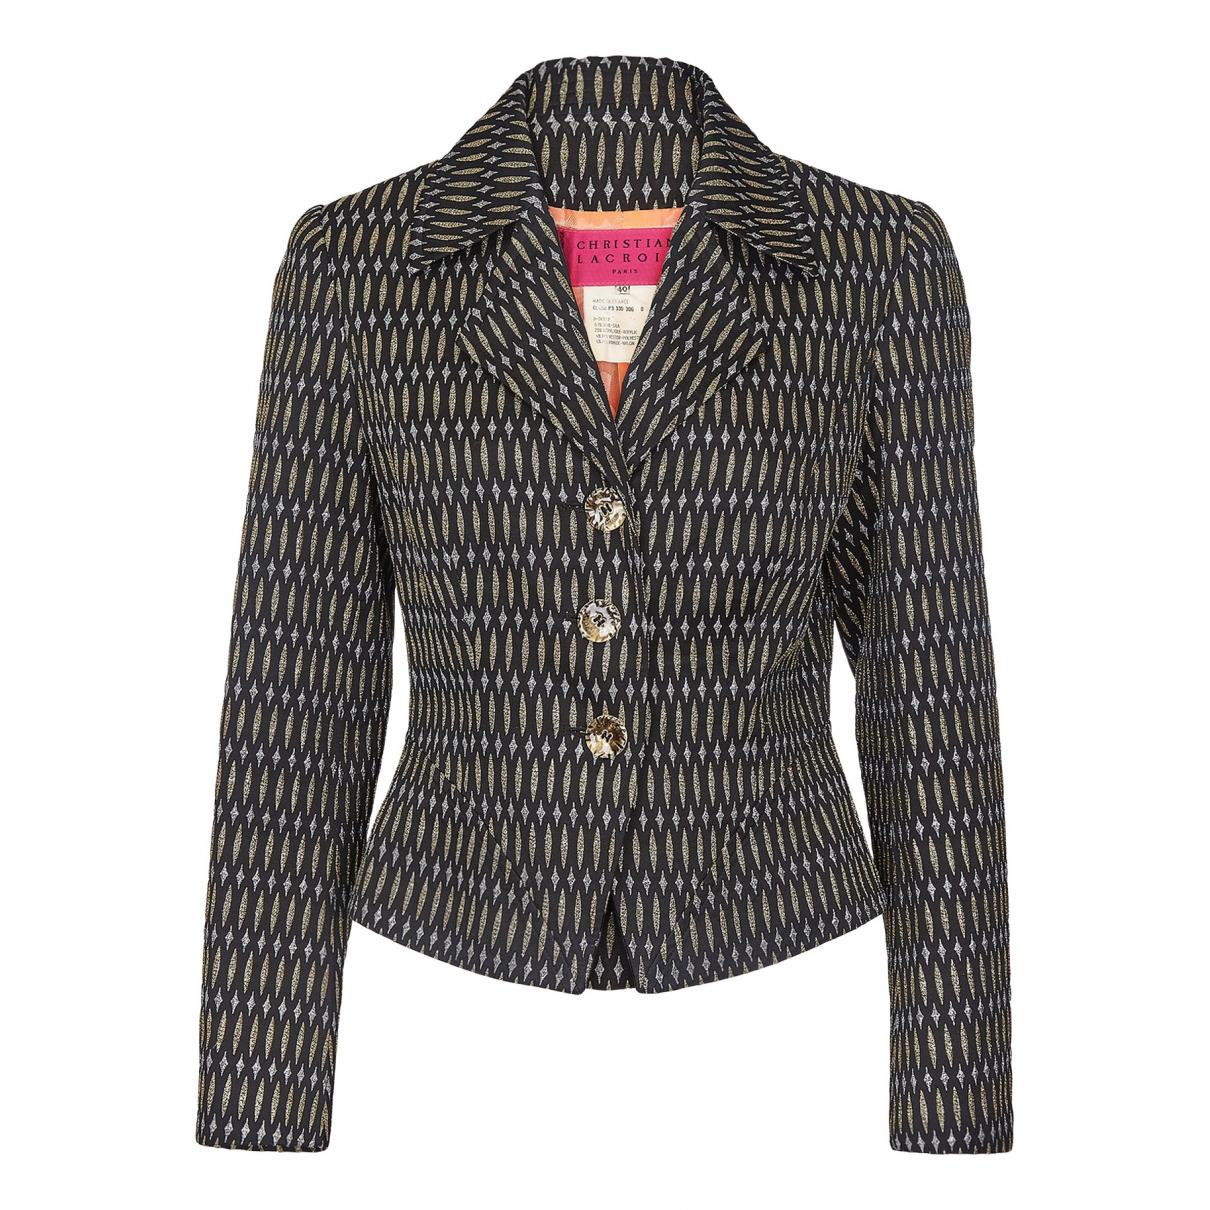 Christian Lacroix N Multicolour jacket for Women 12 UK